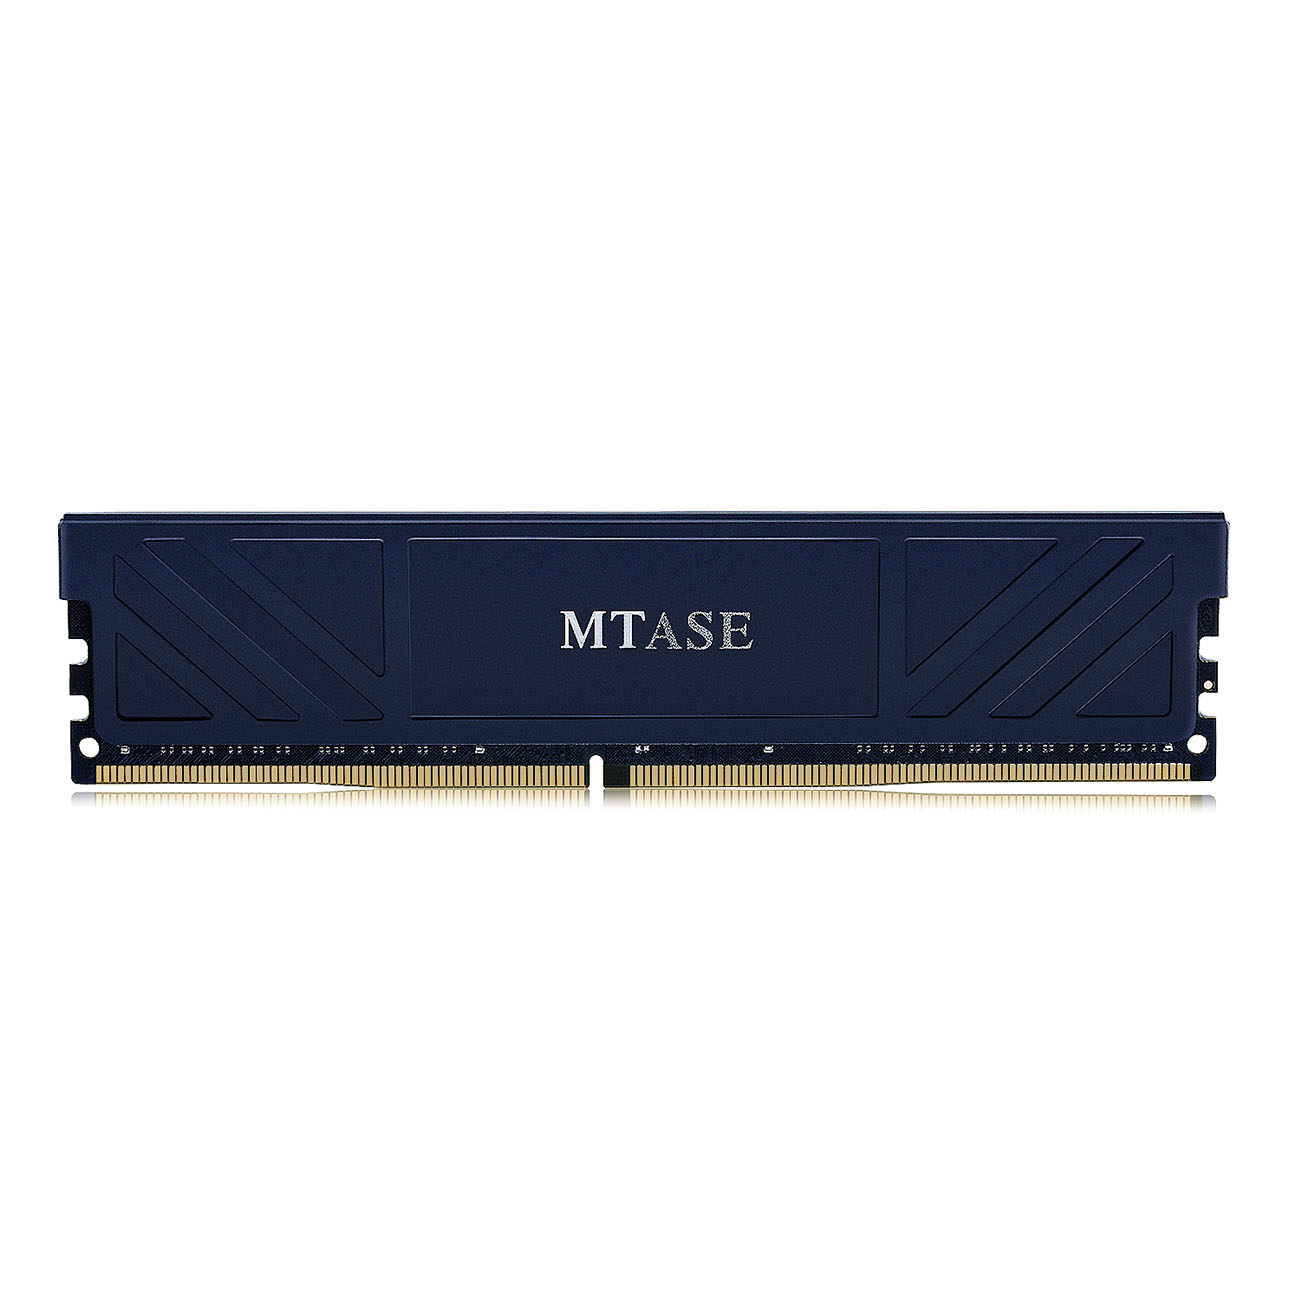 魅光黑战 台式机内存条 DDR4 16G2400